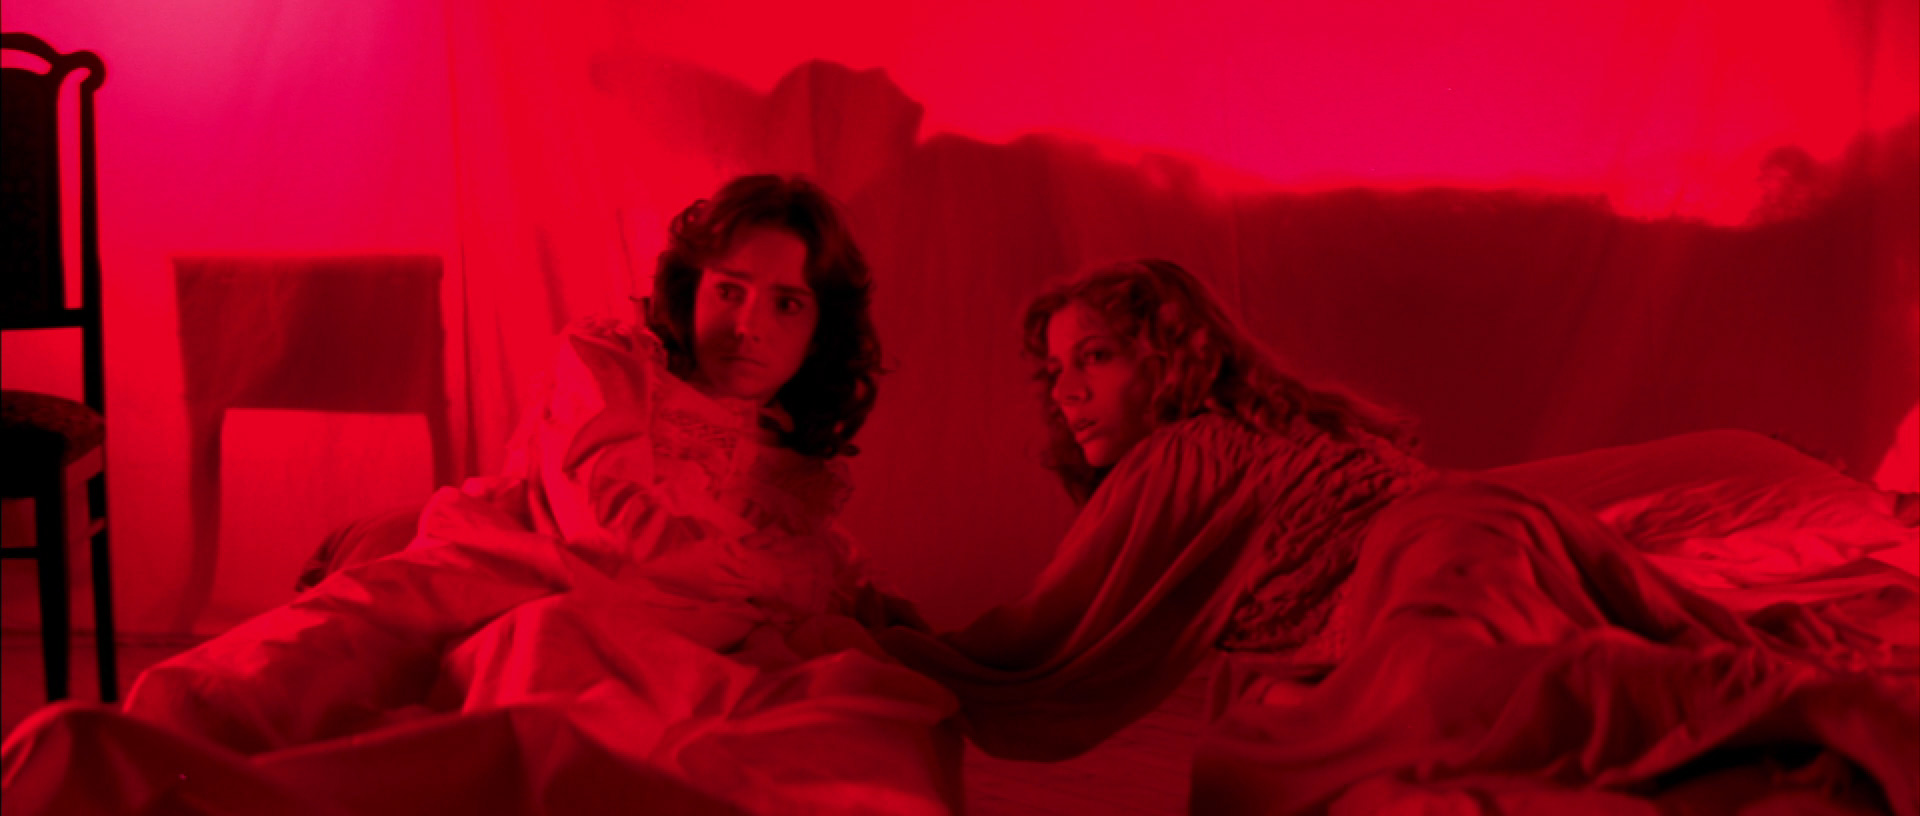 semana-do-halloween-noite-5-filmes-sobre-bruxas_9